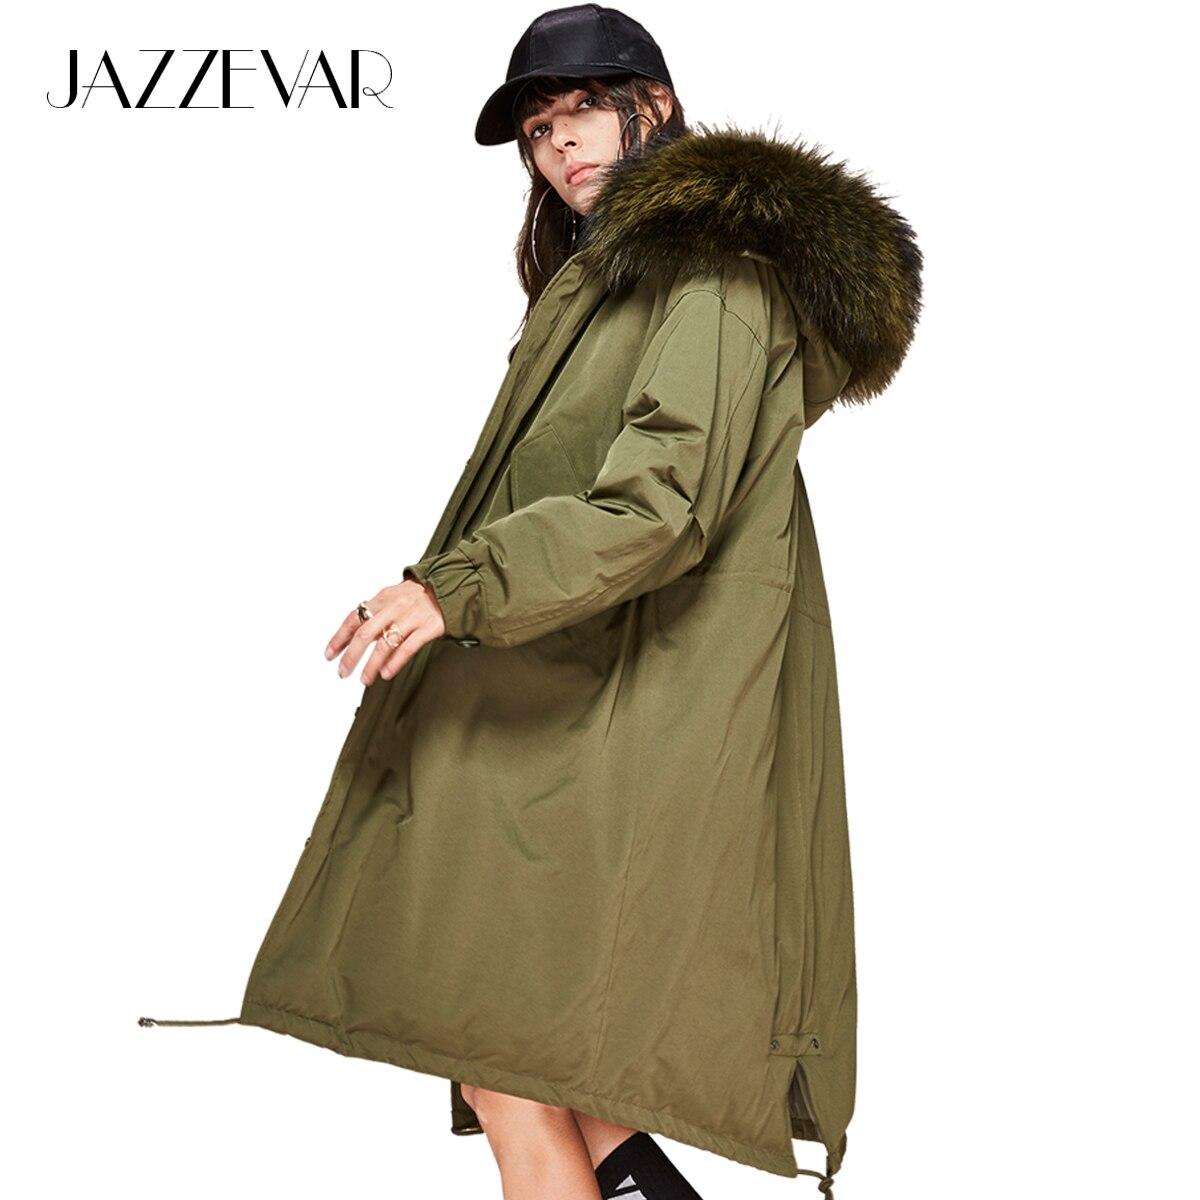 JAZZEVAR Новая мода 2018 зима Для женщин 90% Белая куртка с утиным пухом oversize длинное пальто большой из натурального меха енота парка с капюшоном